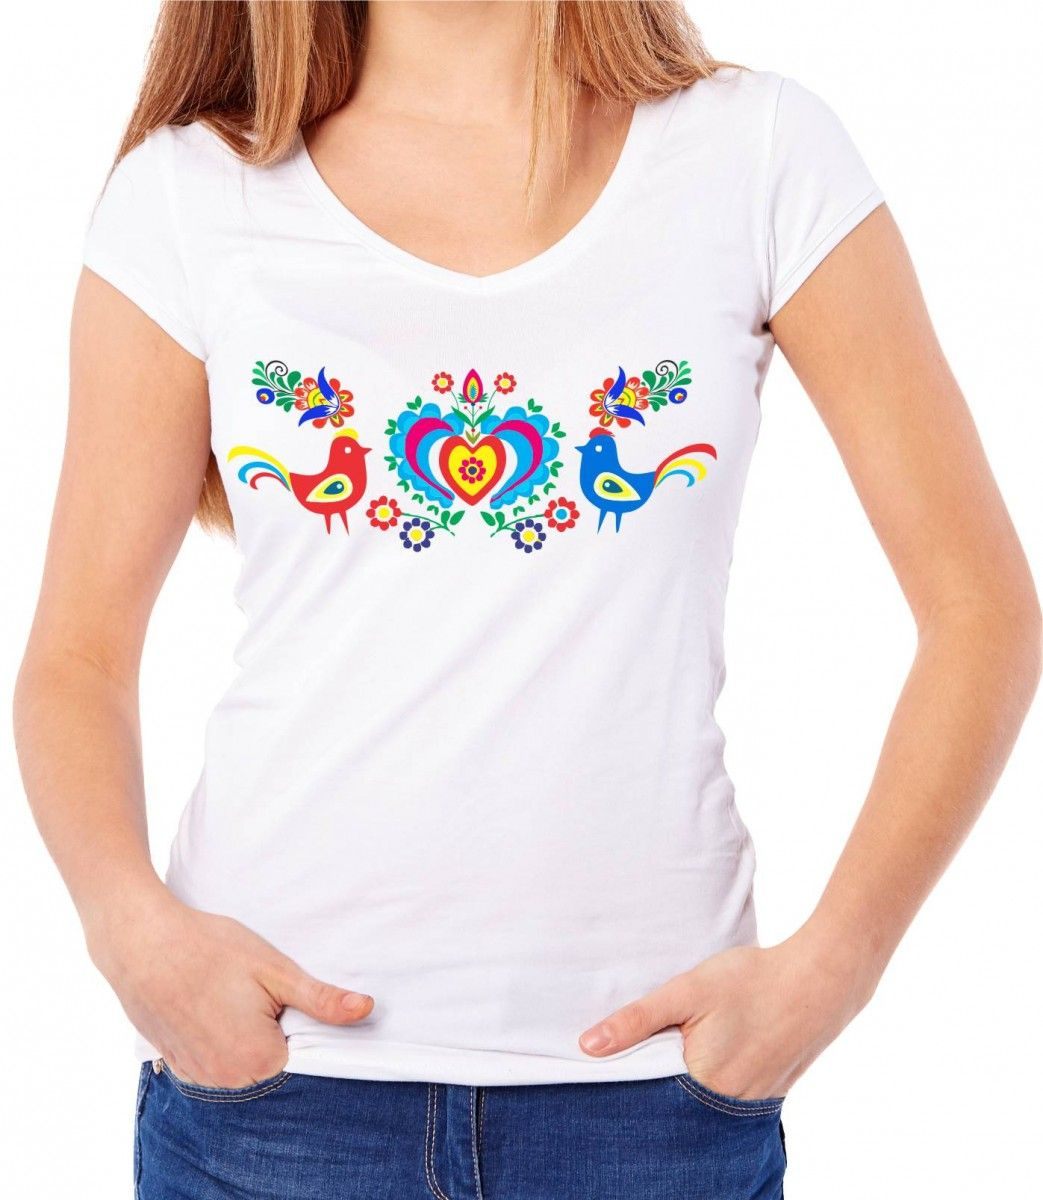 53c7bc932 Dámské tričko - lidový vzor ptáčci | Ornamenty | Trička, Dámská ...